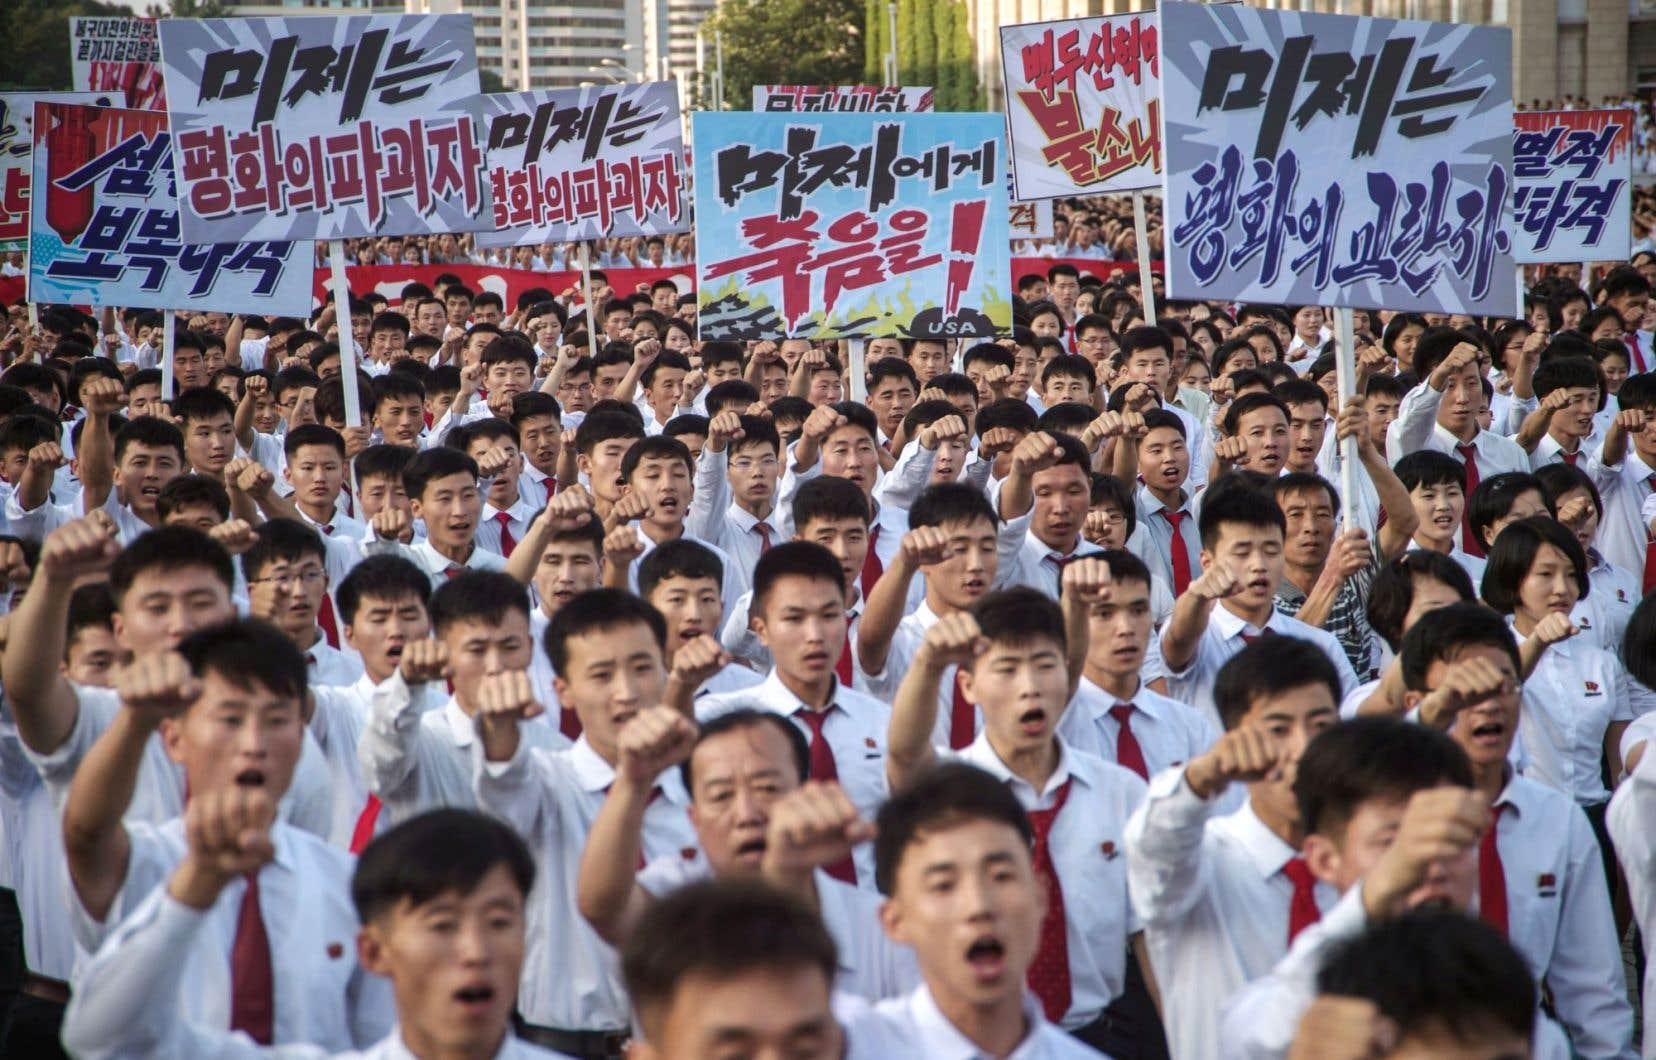 Des Nord-Coréens lancent des slogans appuyant la position de leur pays dans le conflit sur le nucléaire qui l'oppose aux États-Unis.